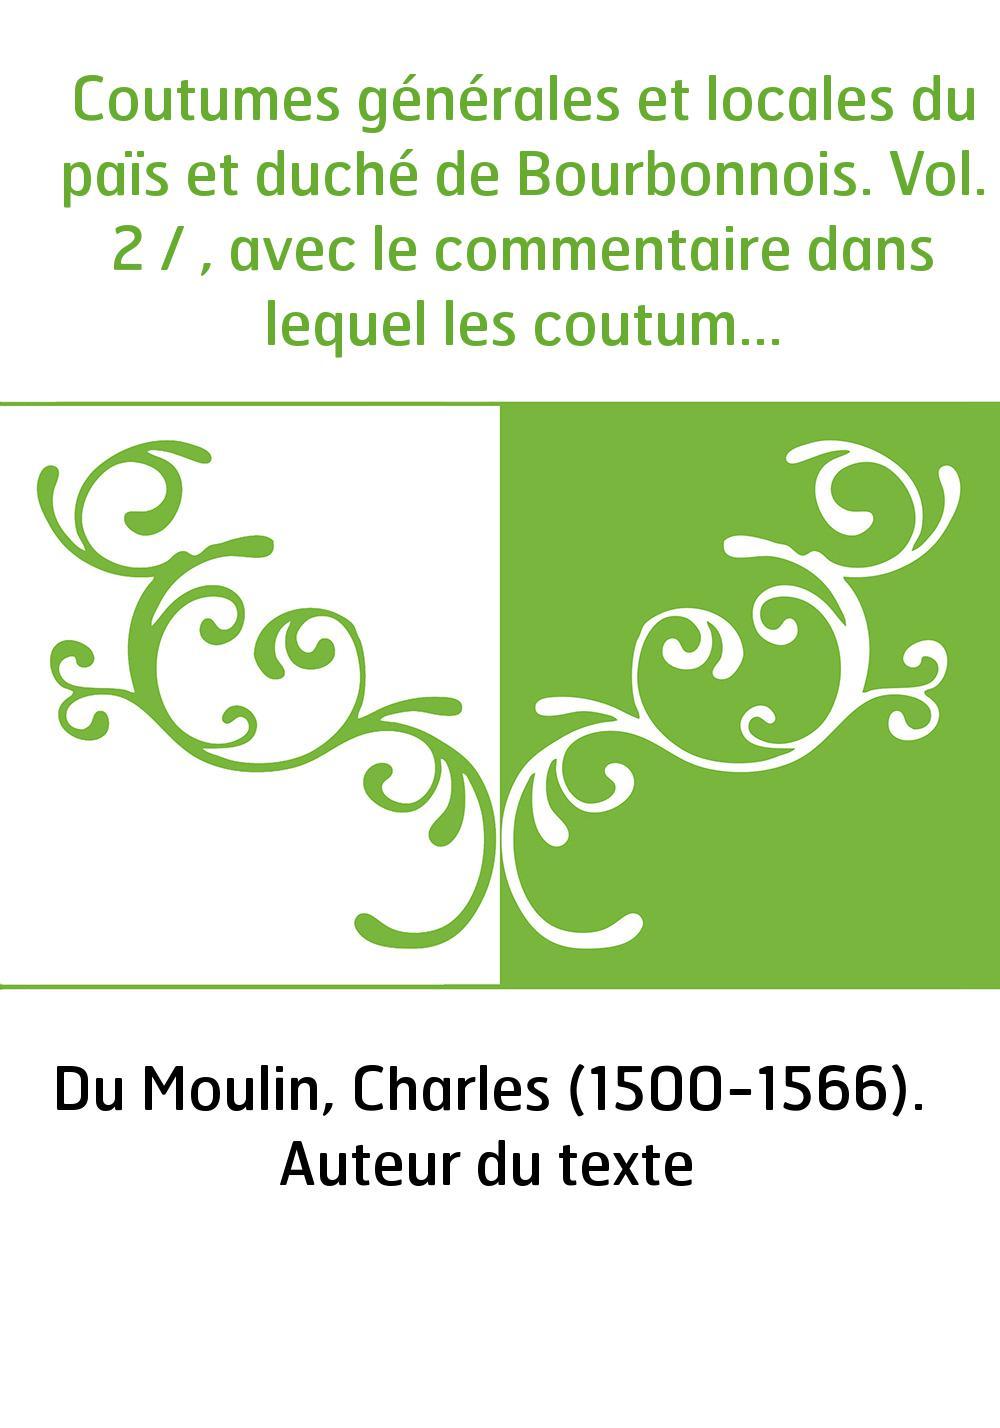 Coutumes générales et locales du païs et duché de Bourbonnois. Vol. 2 / , avec le commentaire dans lequel les coutumes sont expl